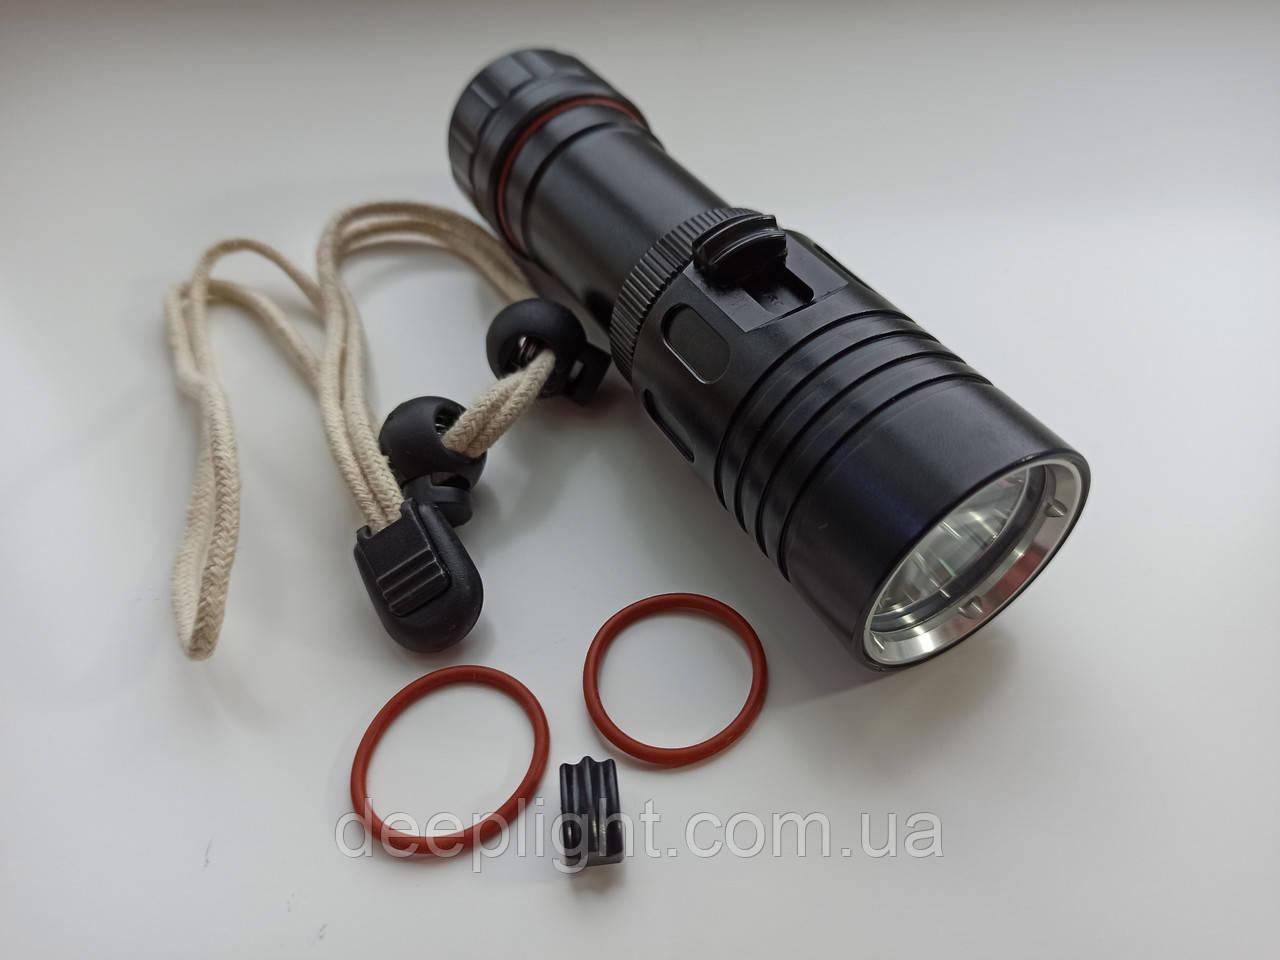 Підводний ліхтар з ЖОВТИМ світлом серія Compact на Cree XM-L2 10W Чорний корпус 26650